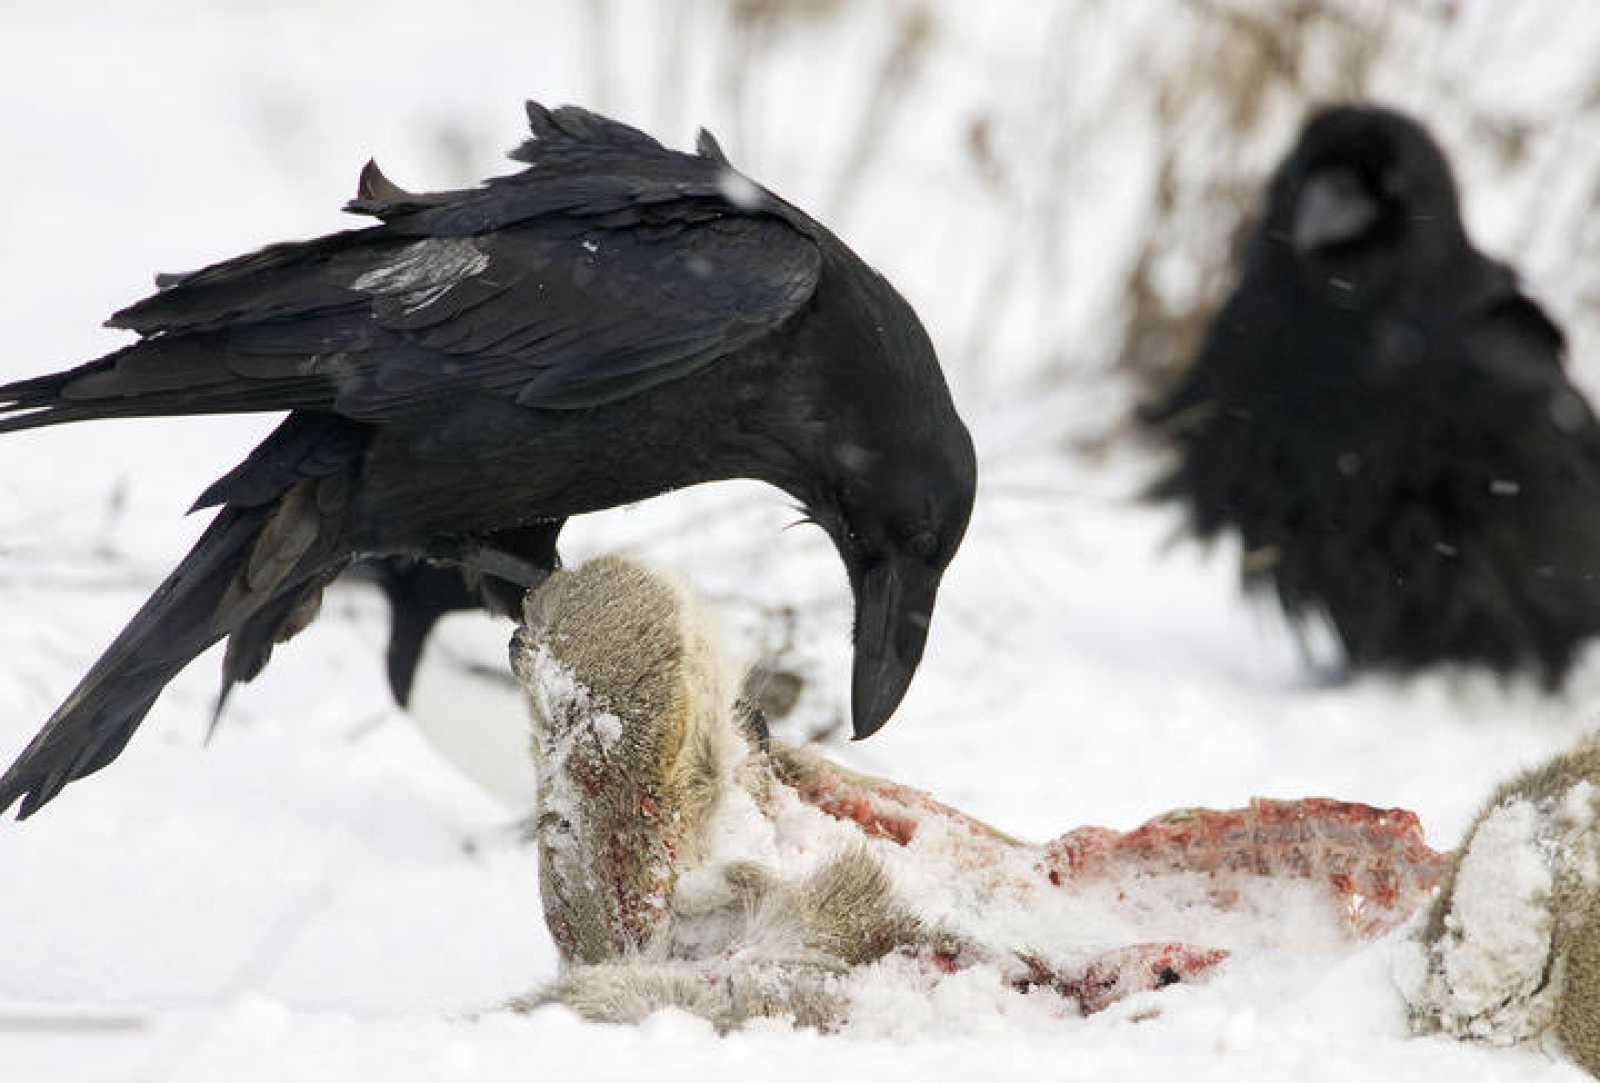 Cuervos comiéndose los restos de un animal muerto